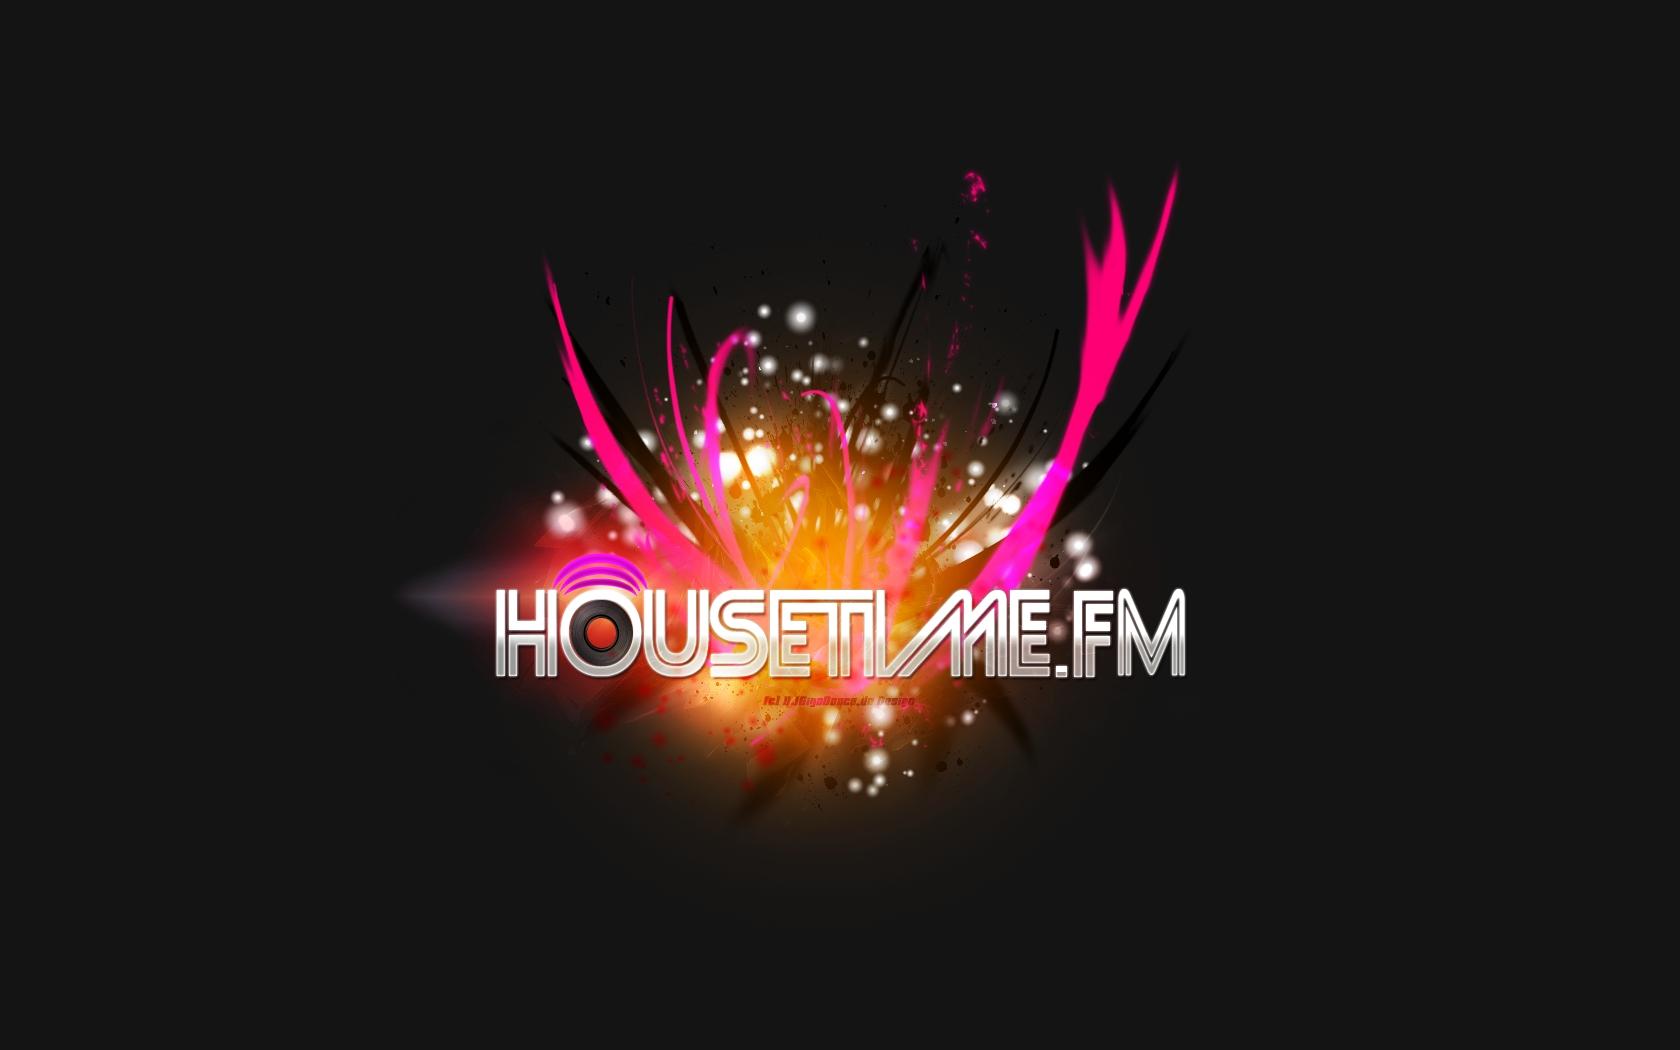 Wallpaper - Hou... Housetime Fm